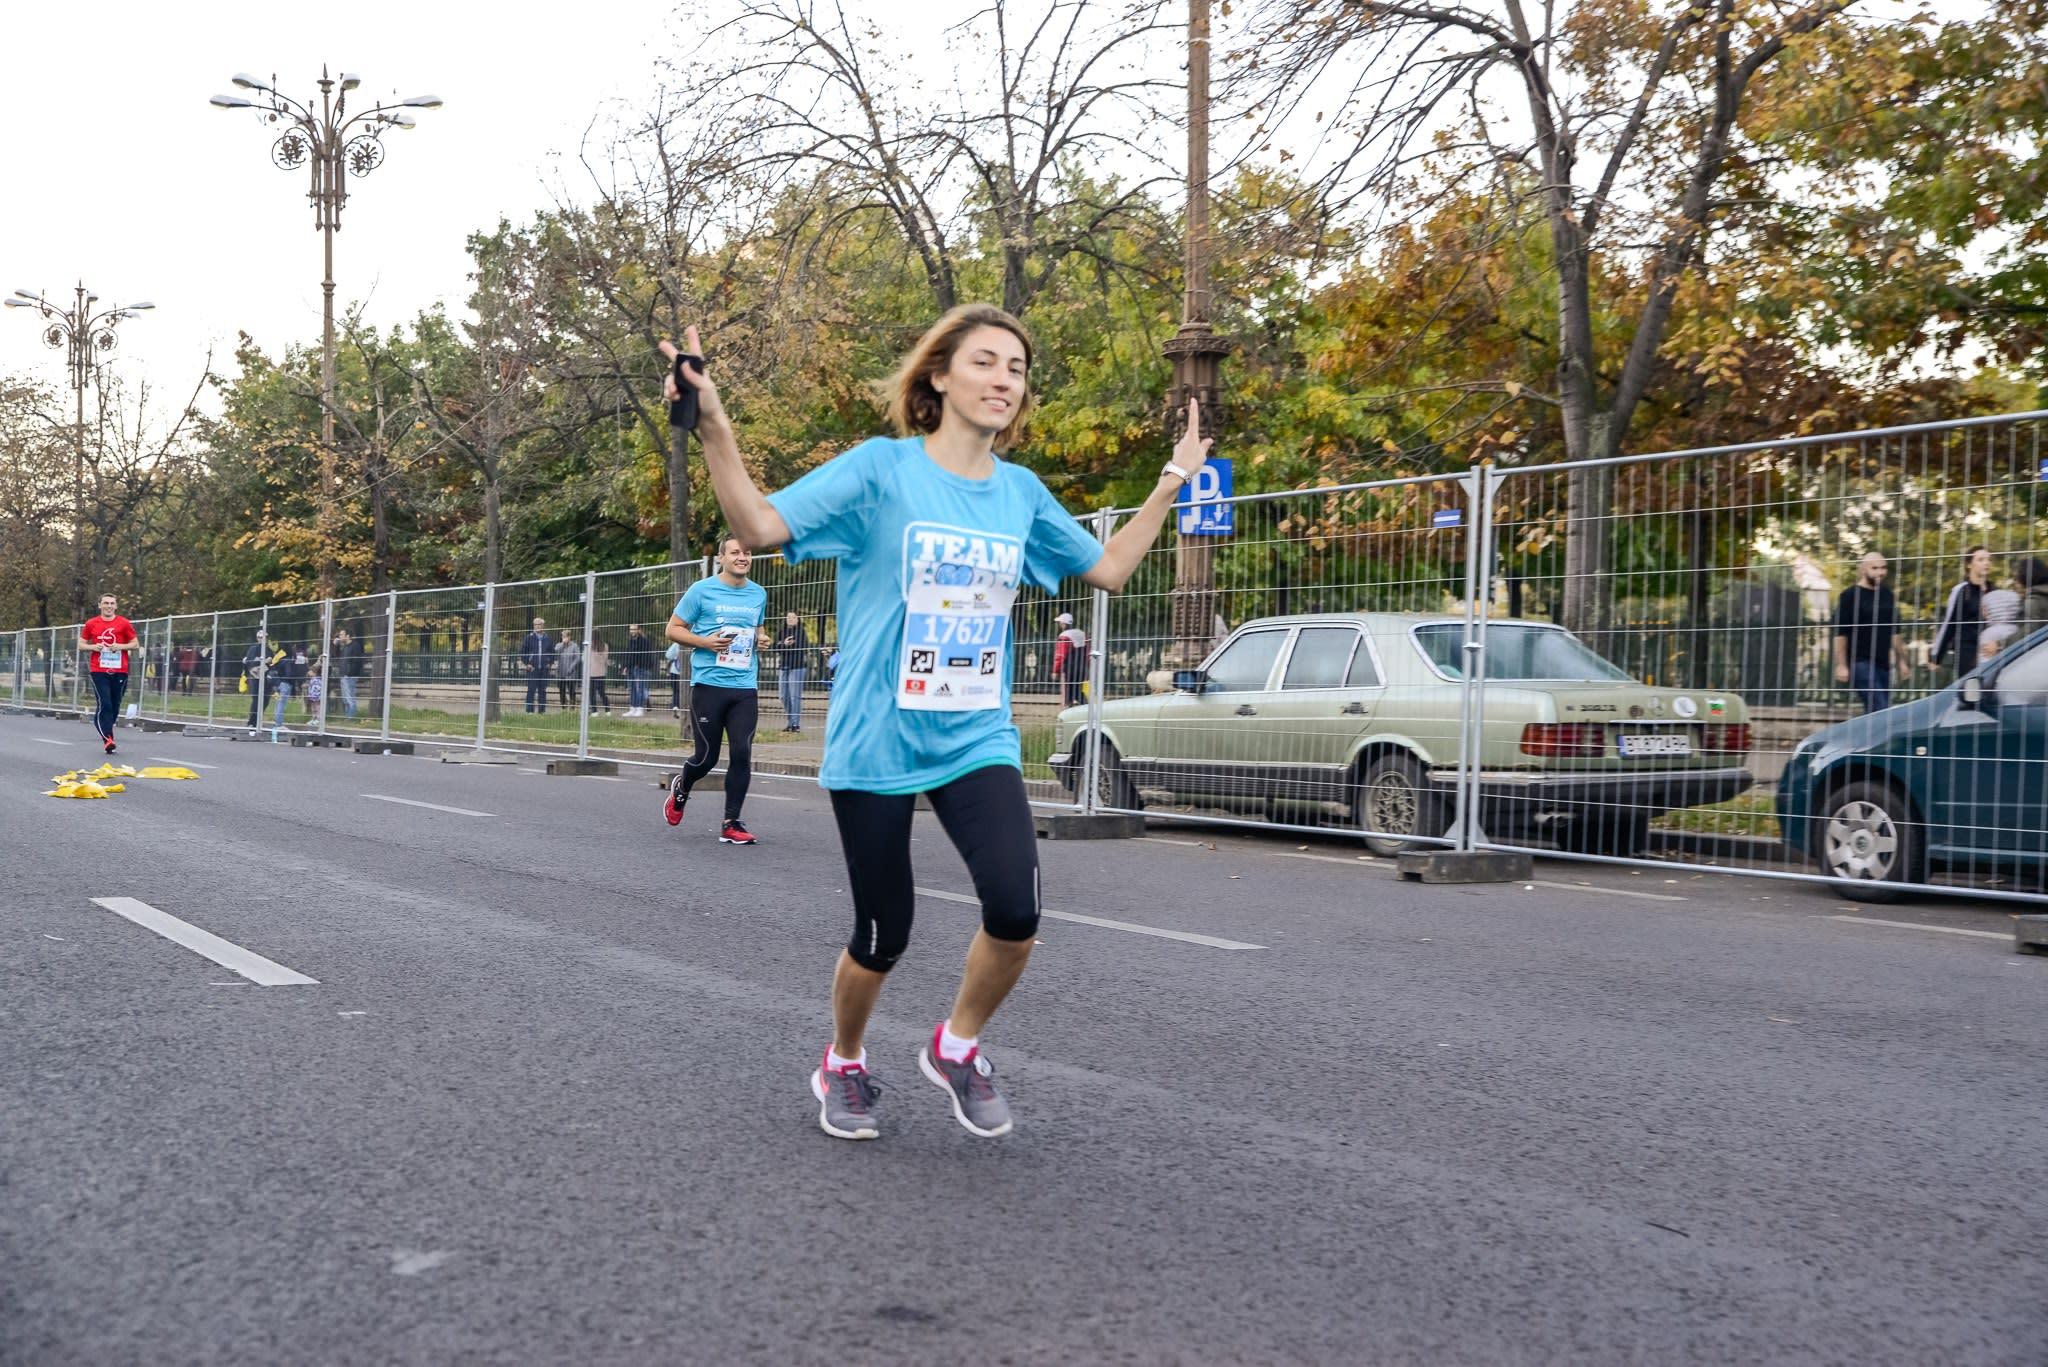 bucharest_marathon_oct_2017_-_foto_2.jpg